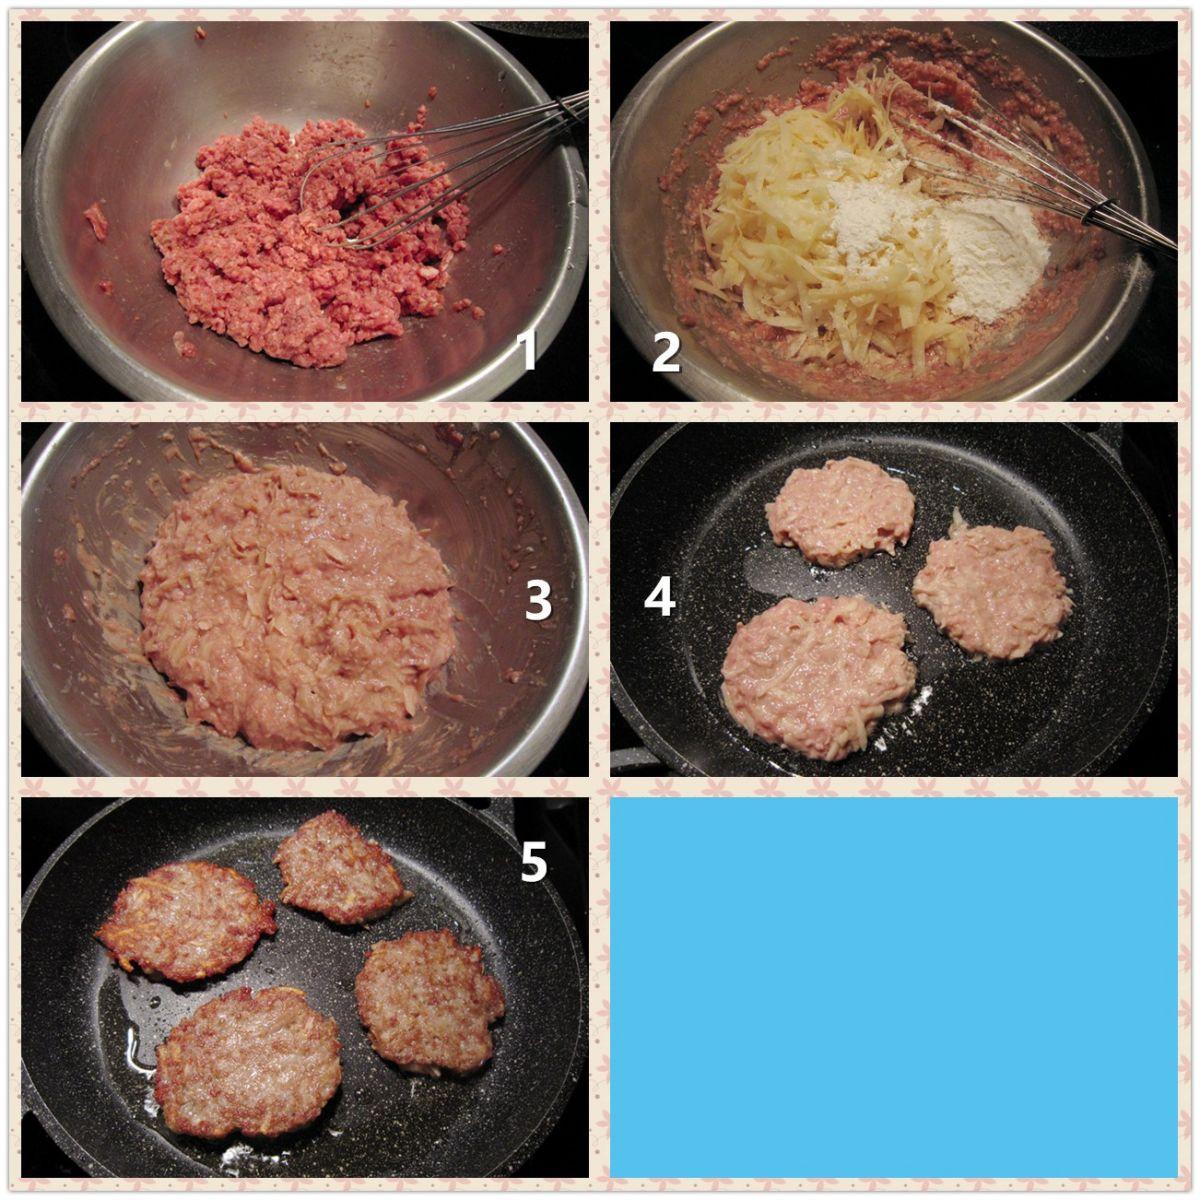 牛肉土豆饼_图1-2